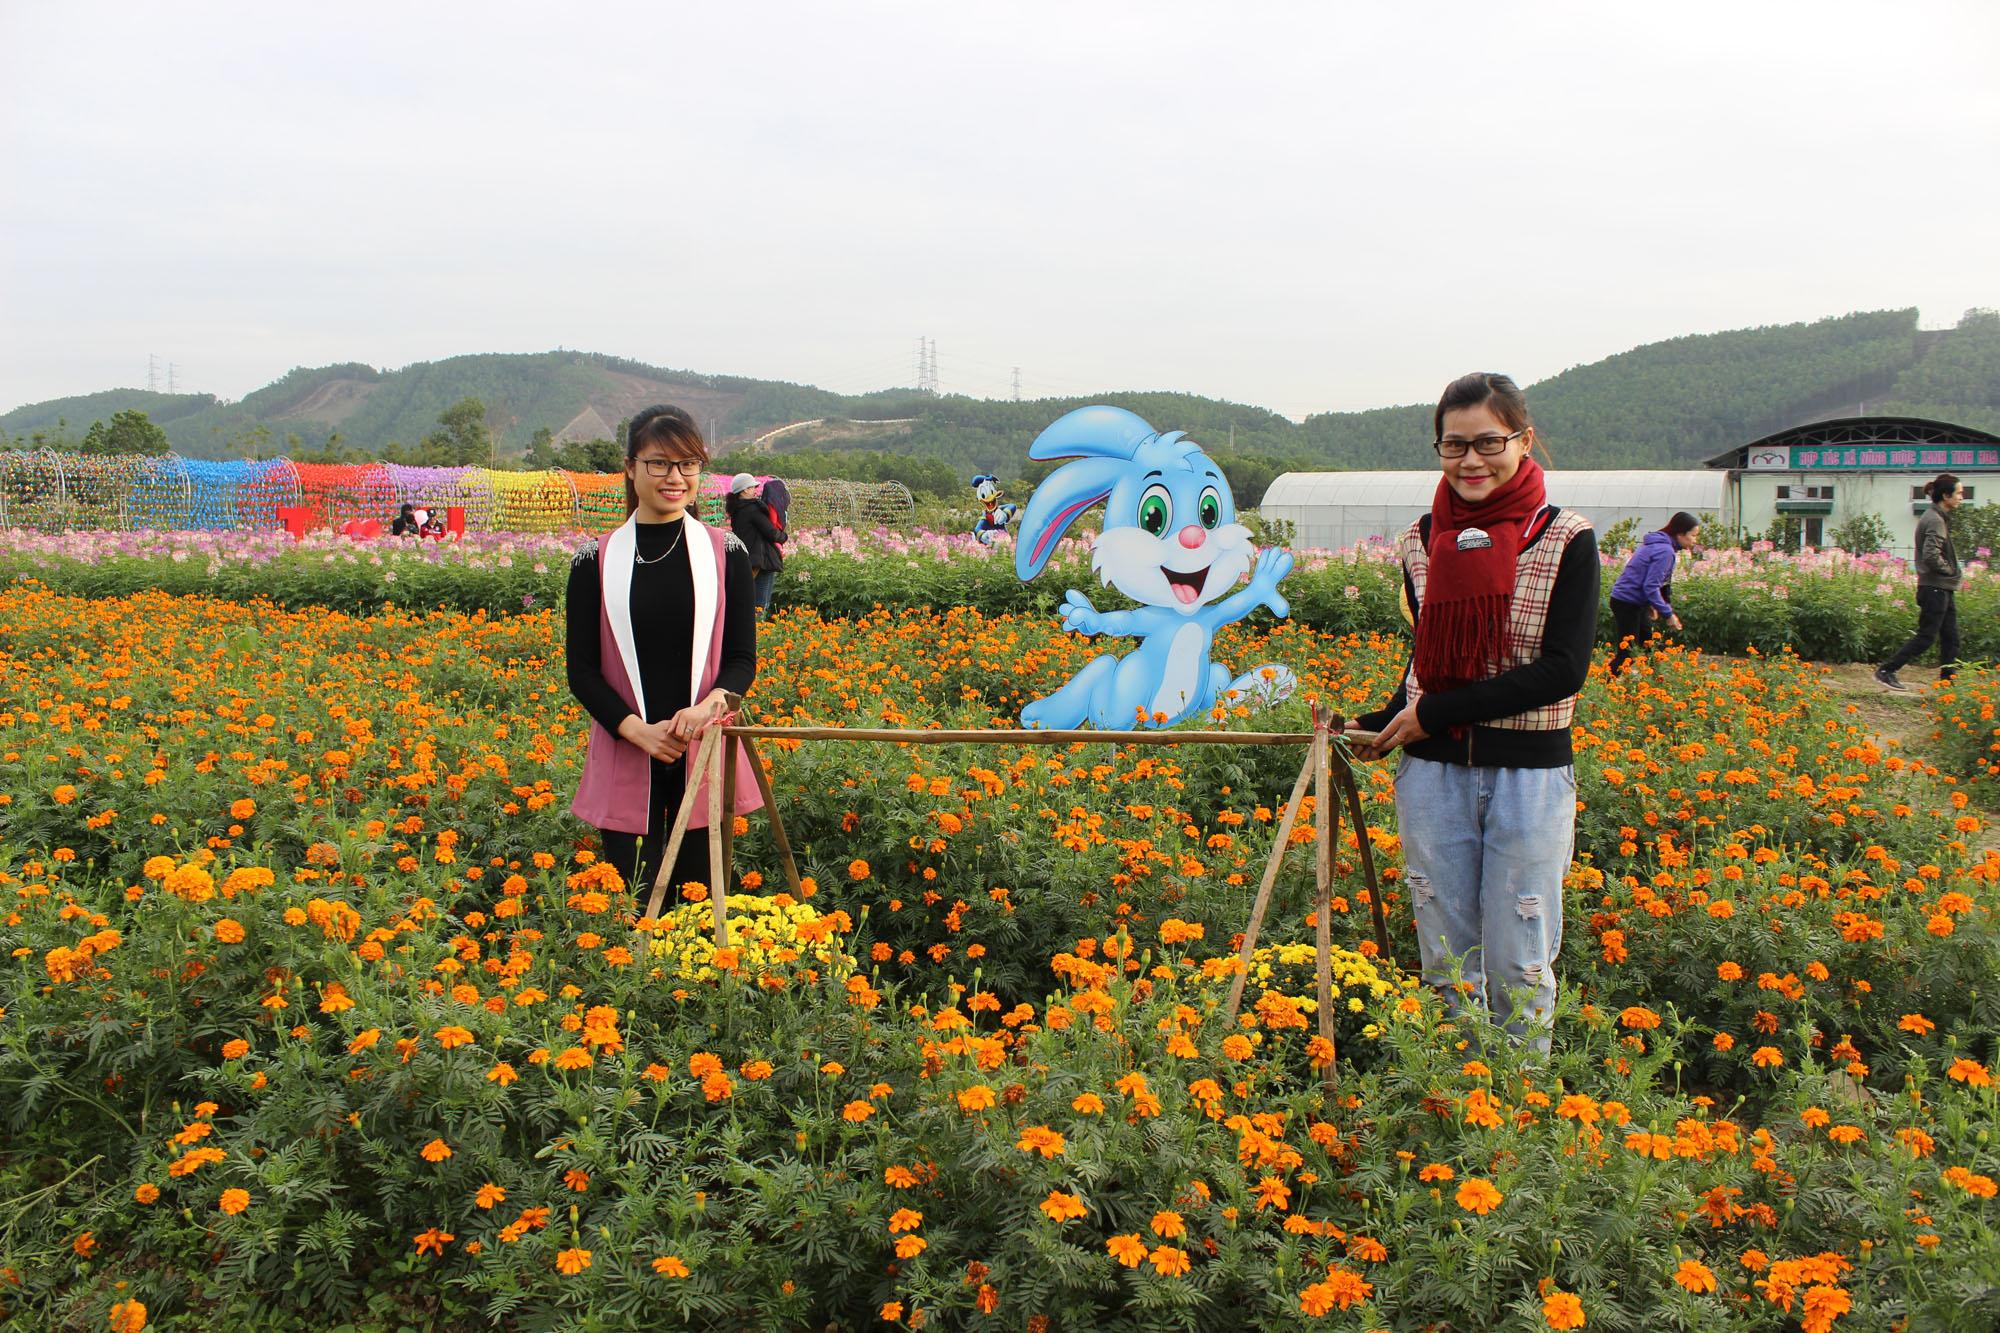 Du lịch nông nghiệp ở Quảng Ninh góp phần bảo tồn các giá trị văn hóa